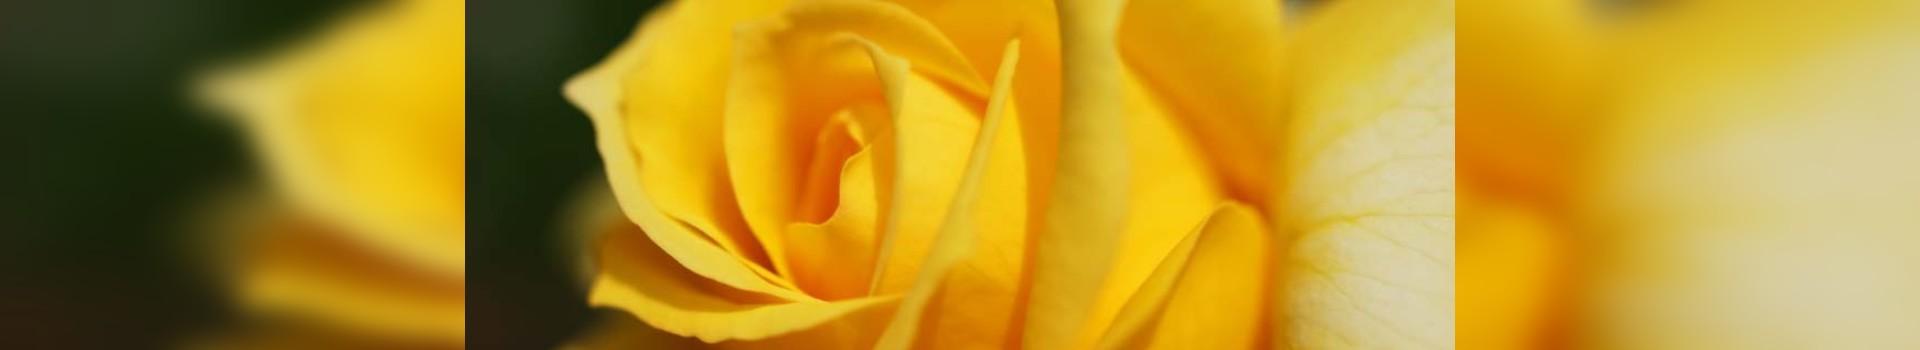 flor cortada en zona norte de madrid, flor cortada en madrid, mayorista peonias